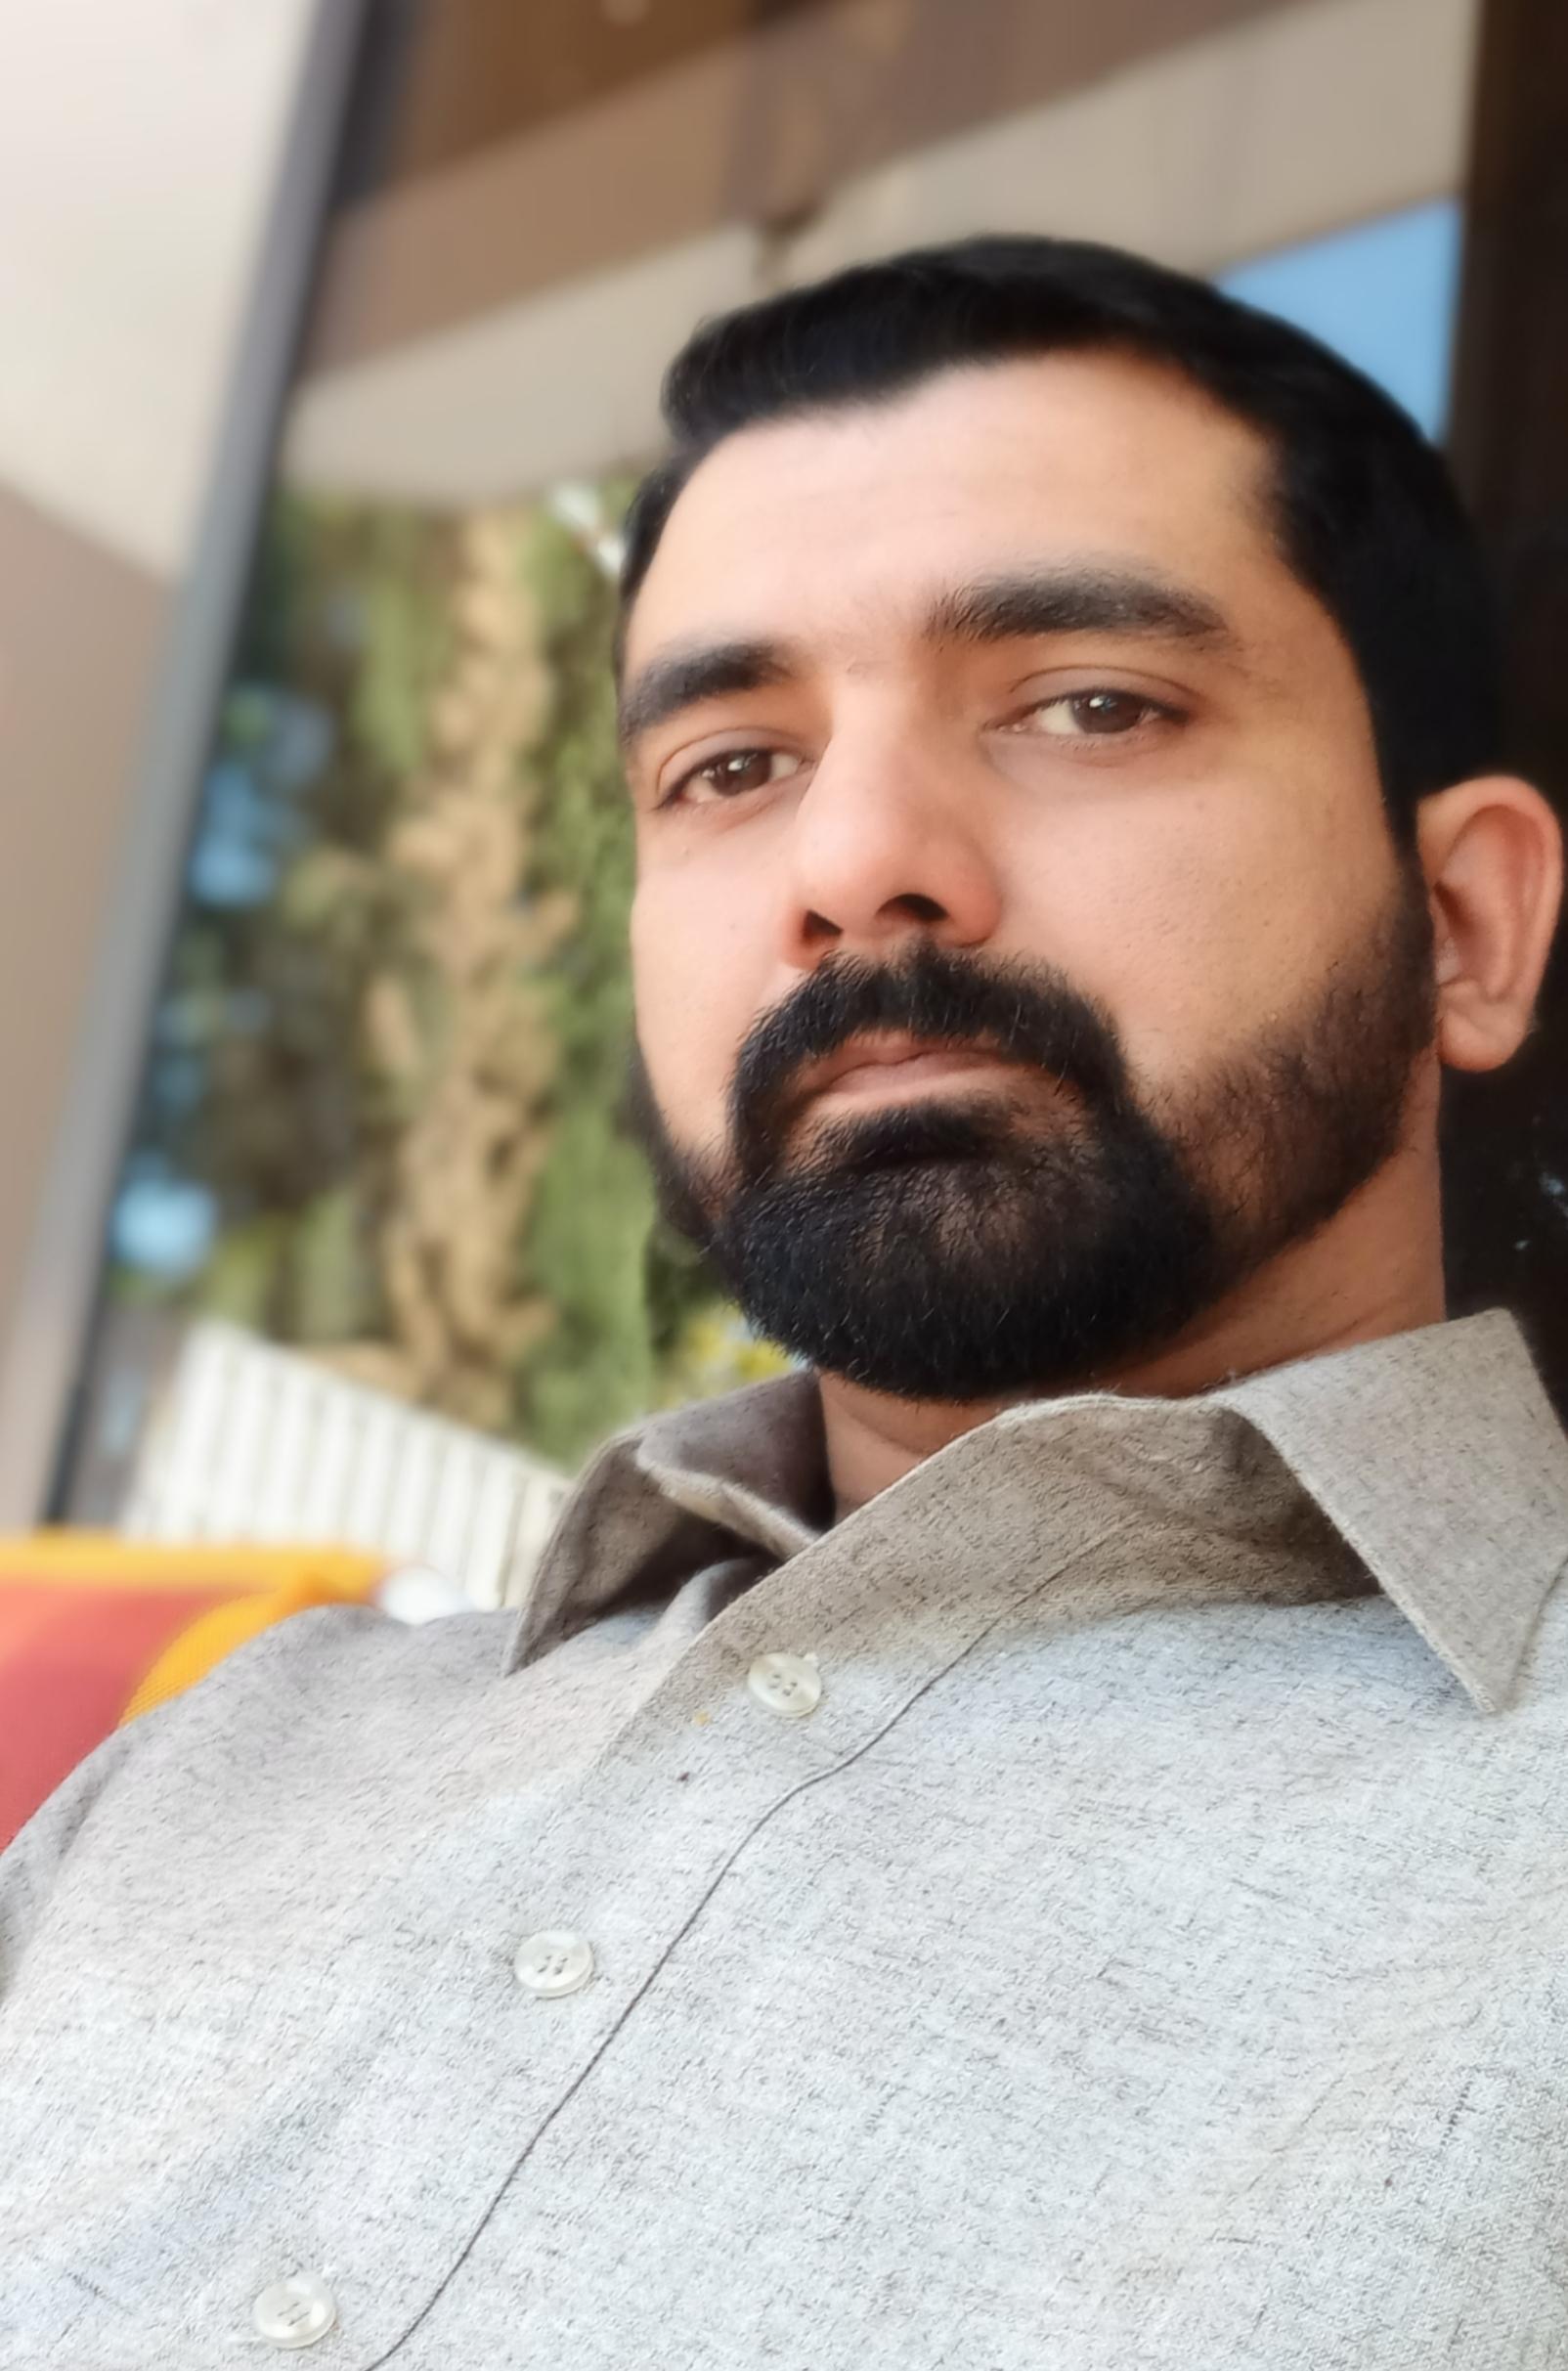 Arslan Mushtaq